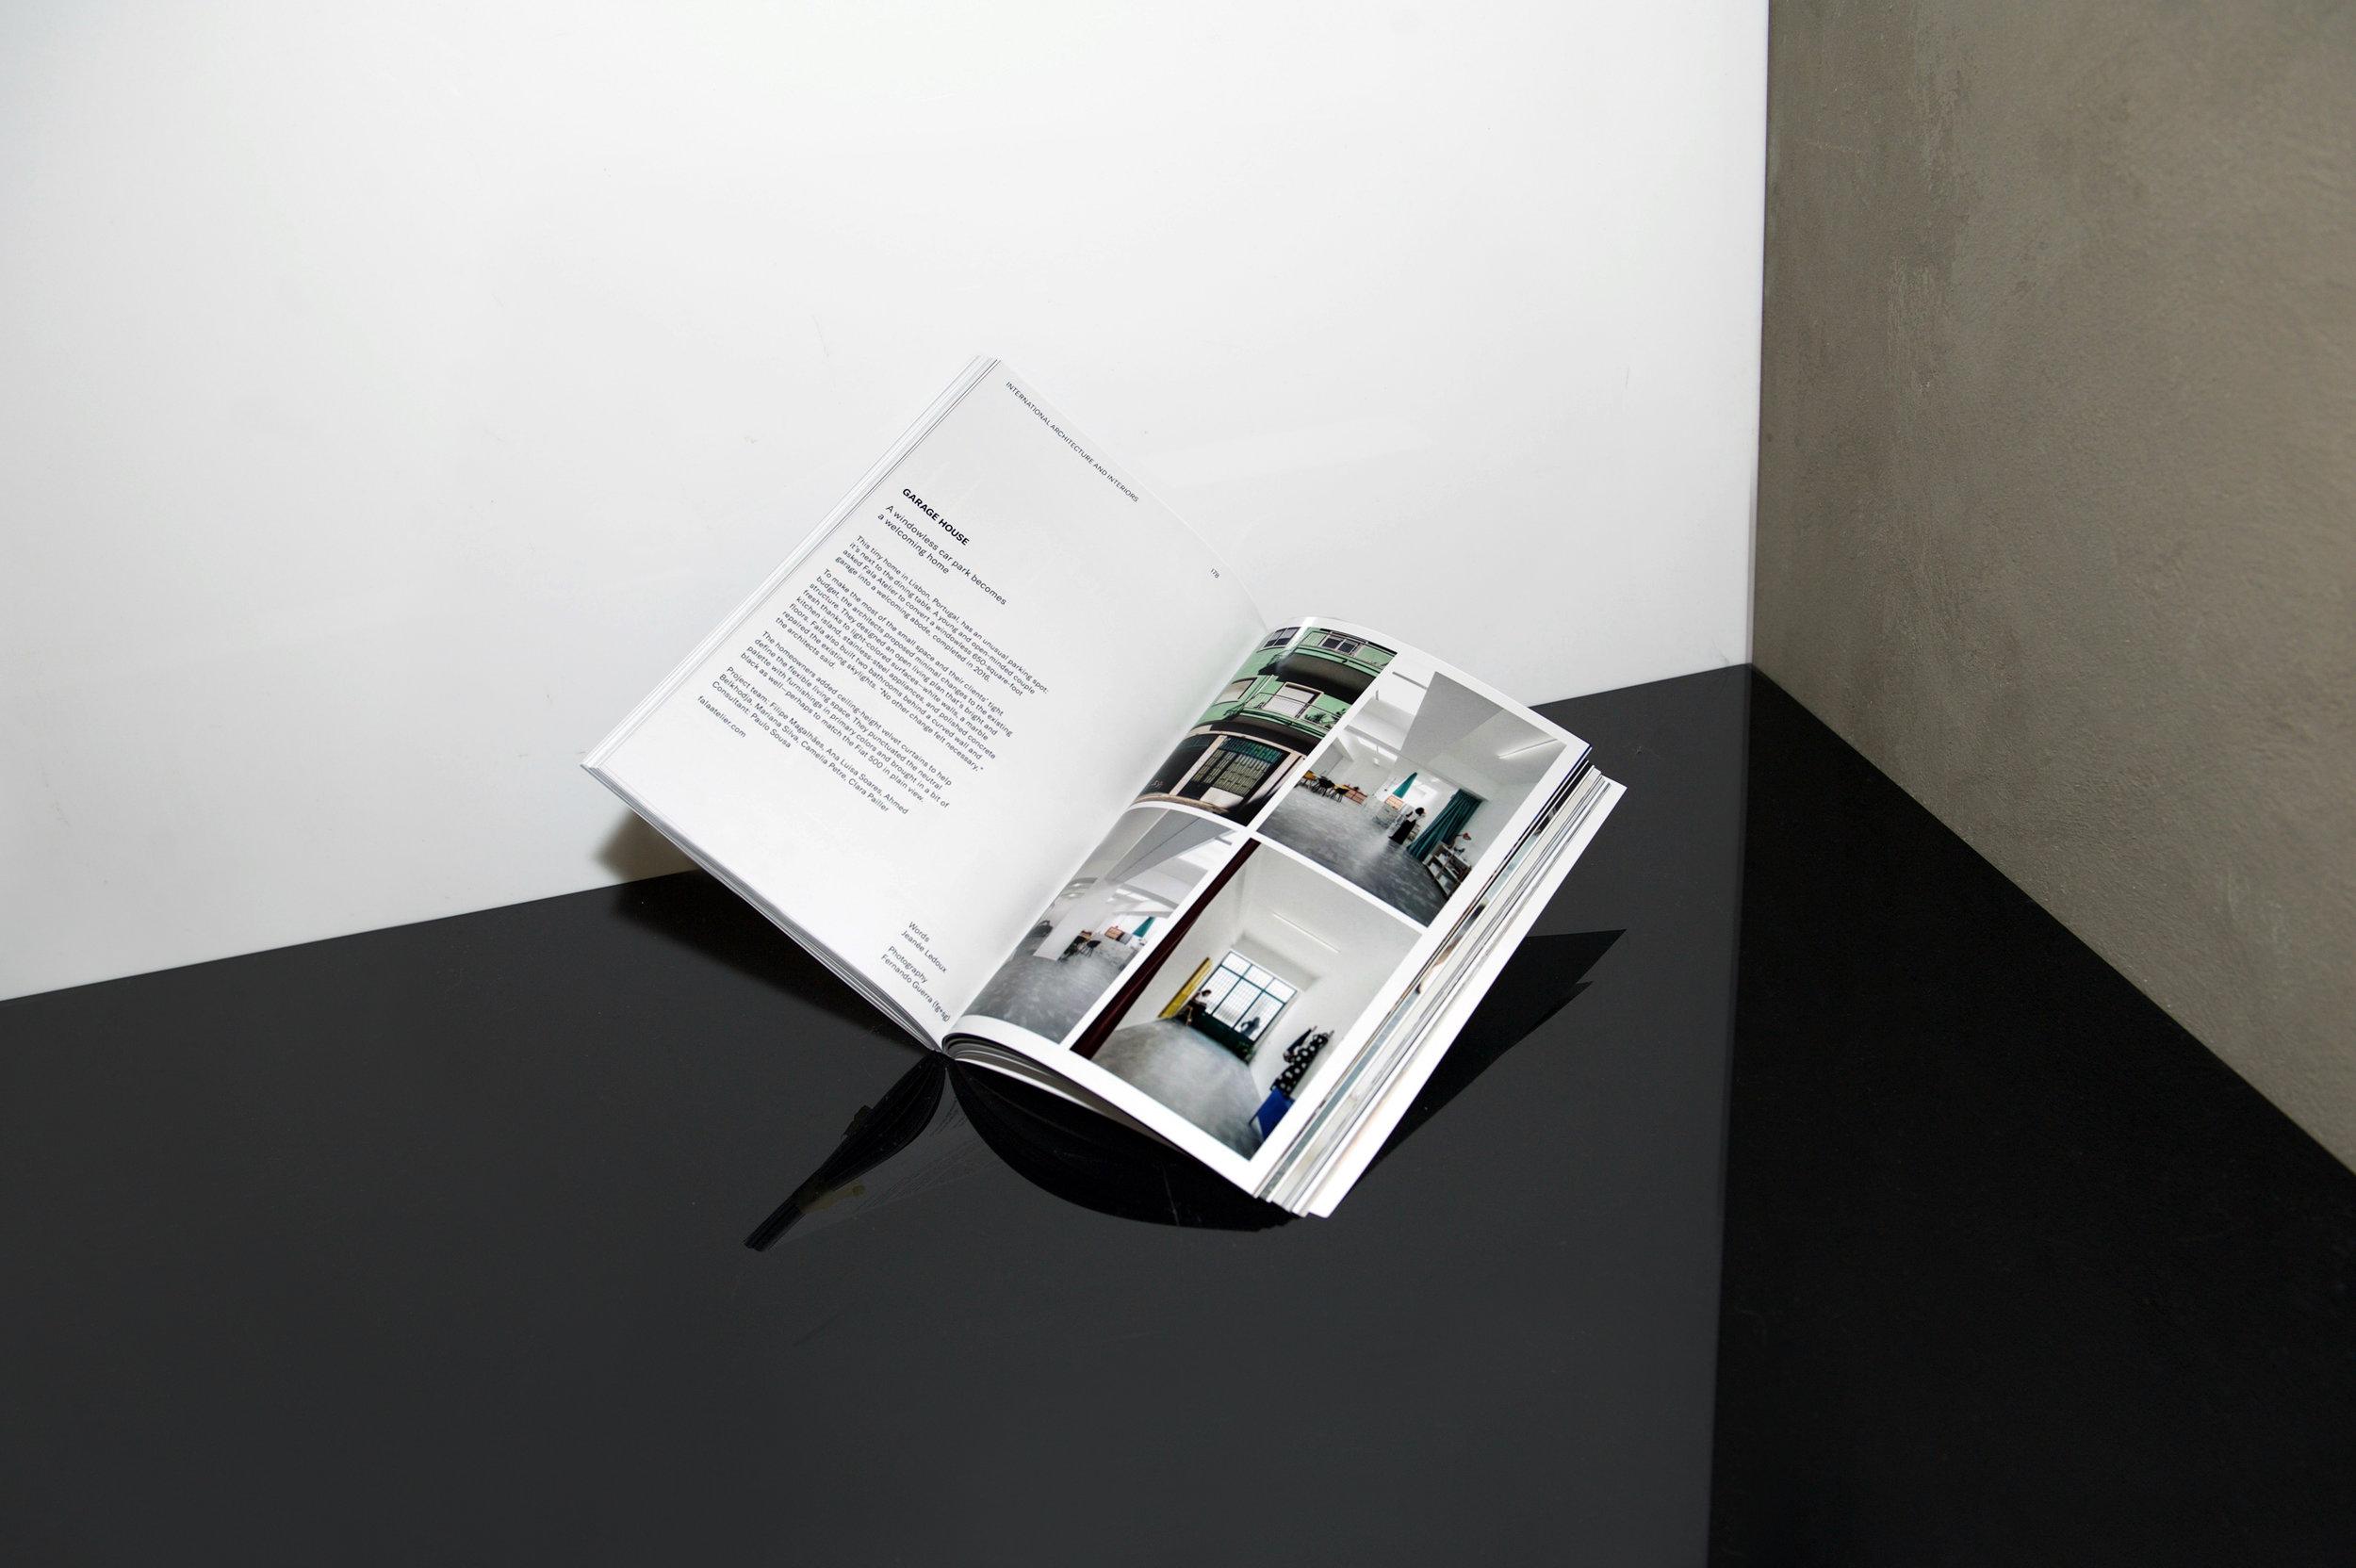 Studio-Verena-Hennig-2017-7.jpg